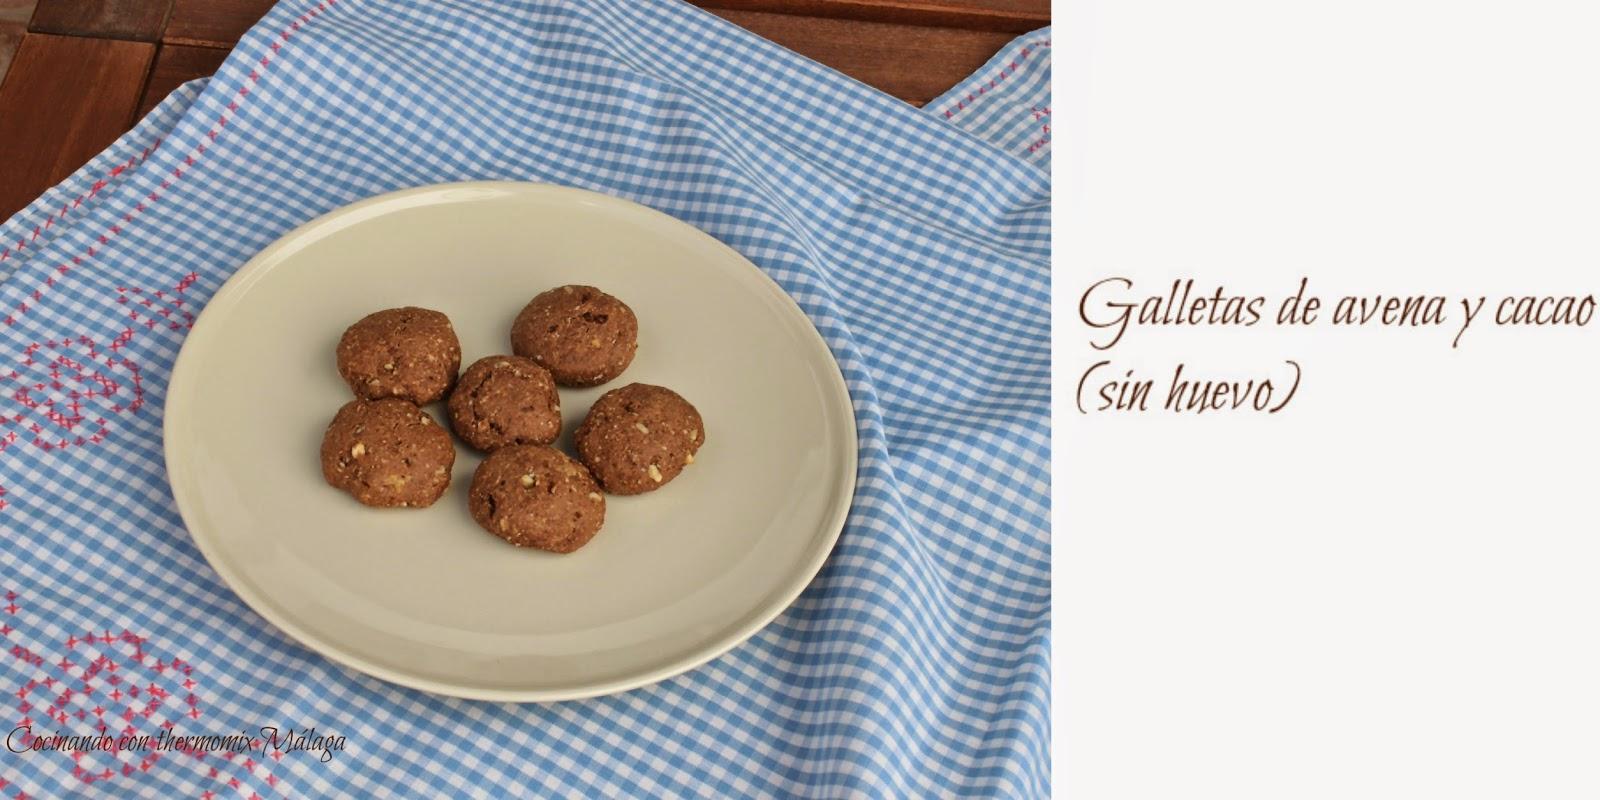 Galletas integrales de avena y cacao (sin huevo)